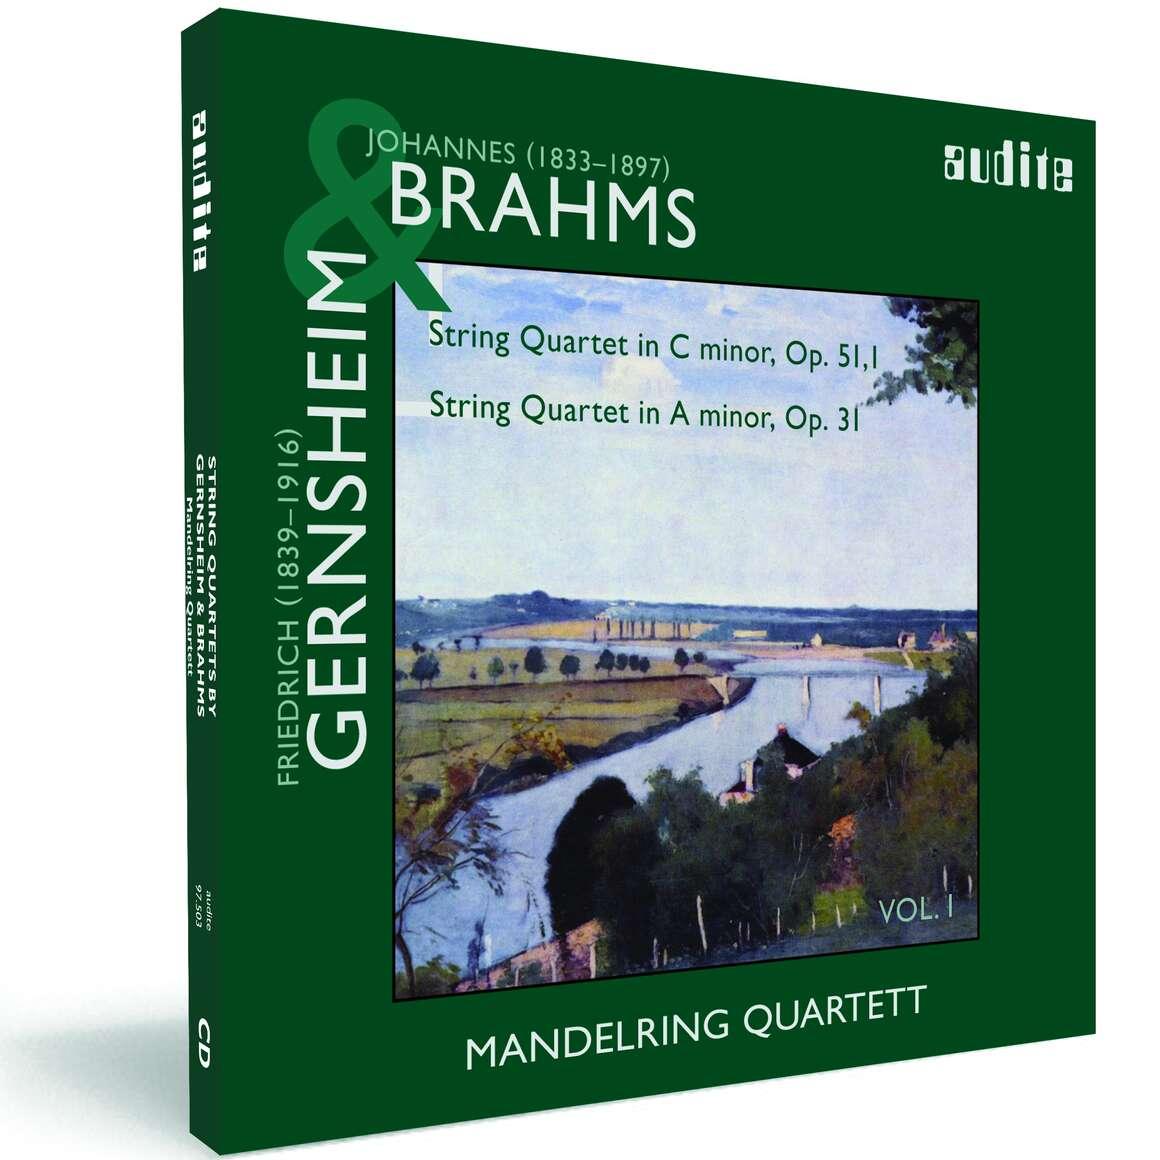 String Quartets by Brahms (Op. 51, No. 1) & Gernsheim (Op. 31)